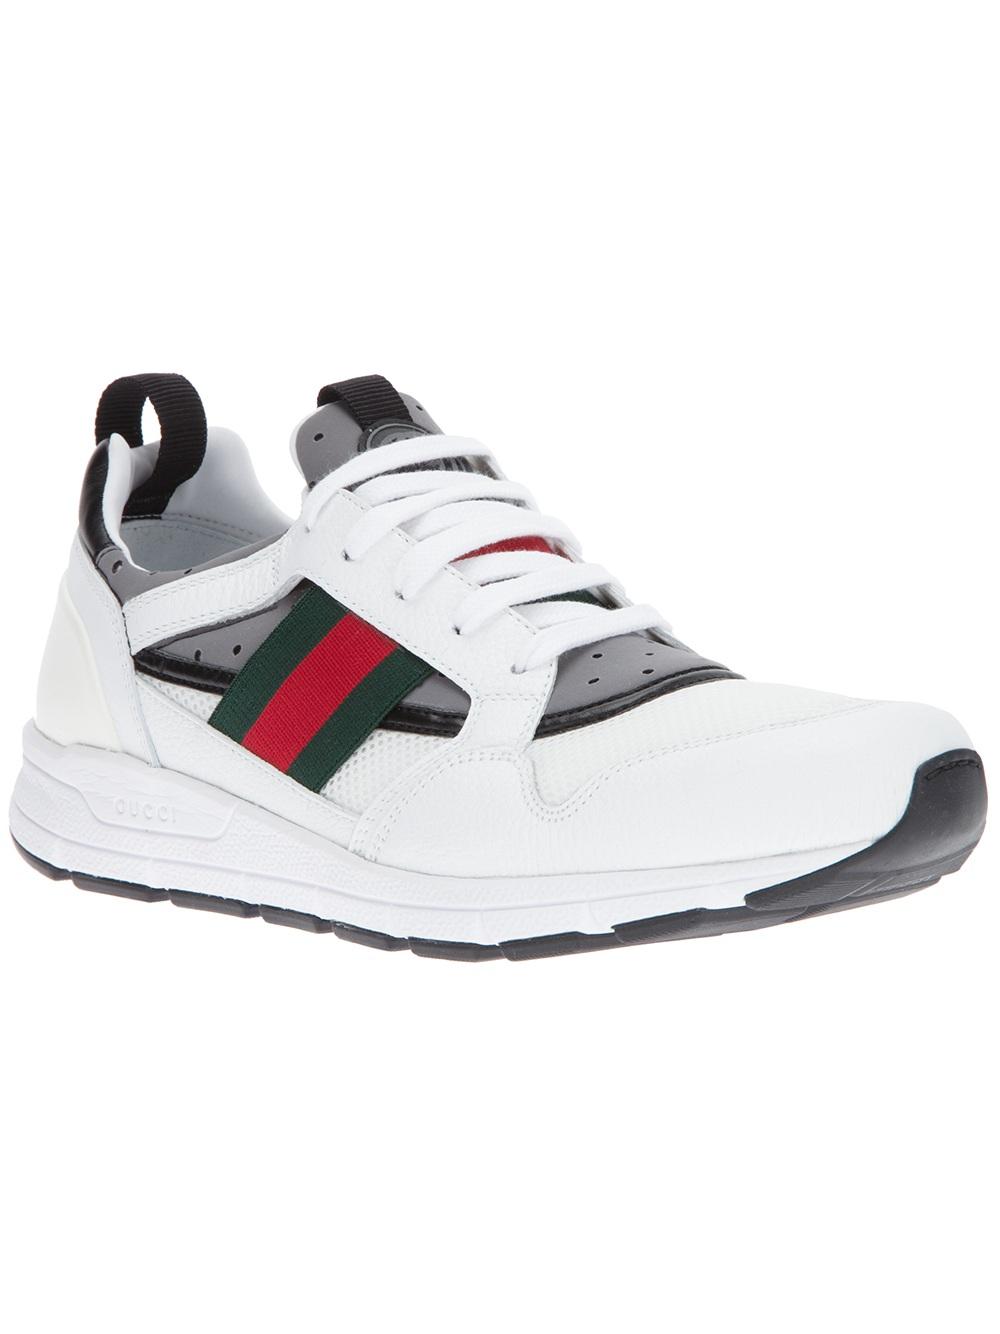 New Gucci Native Shoe